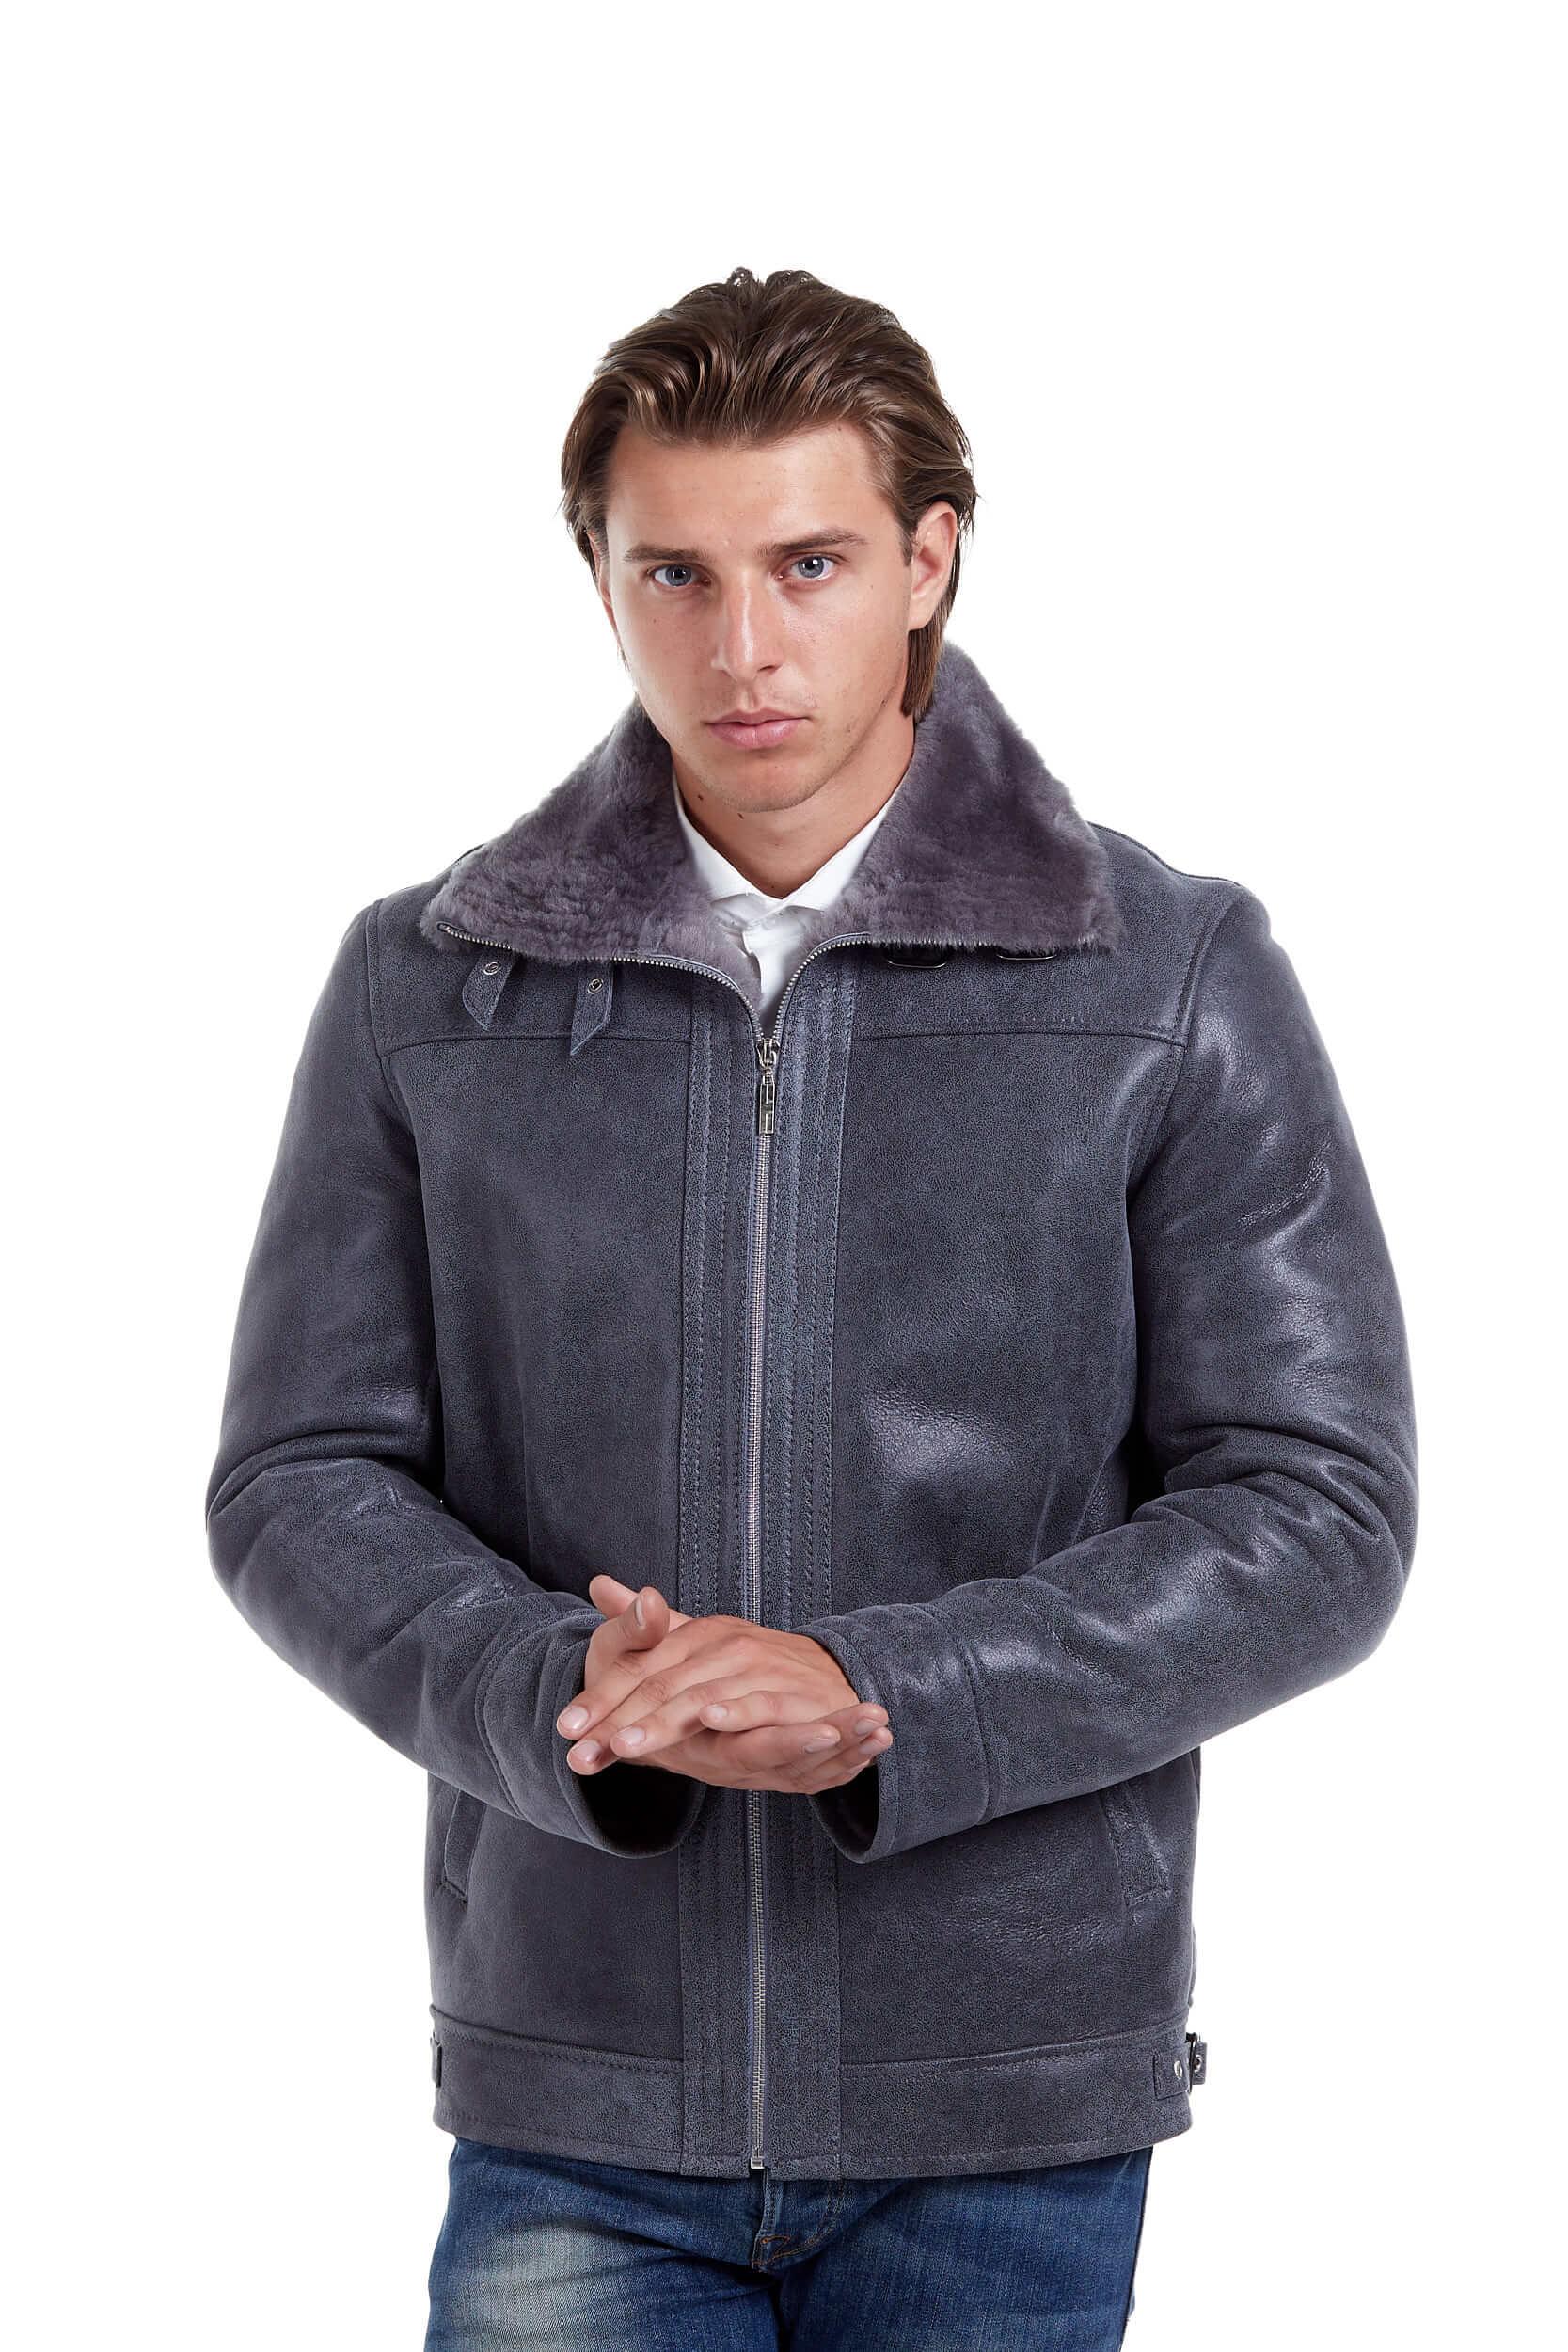 Comanda haine de blana pentru barbati